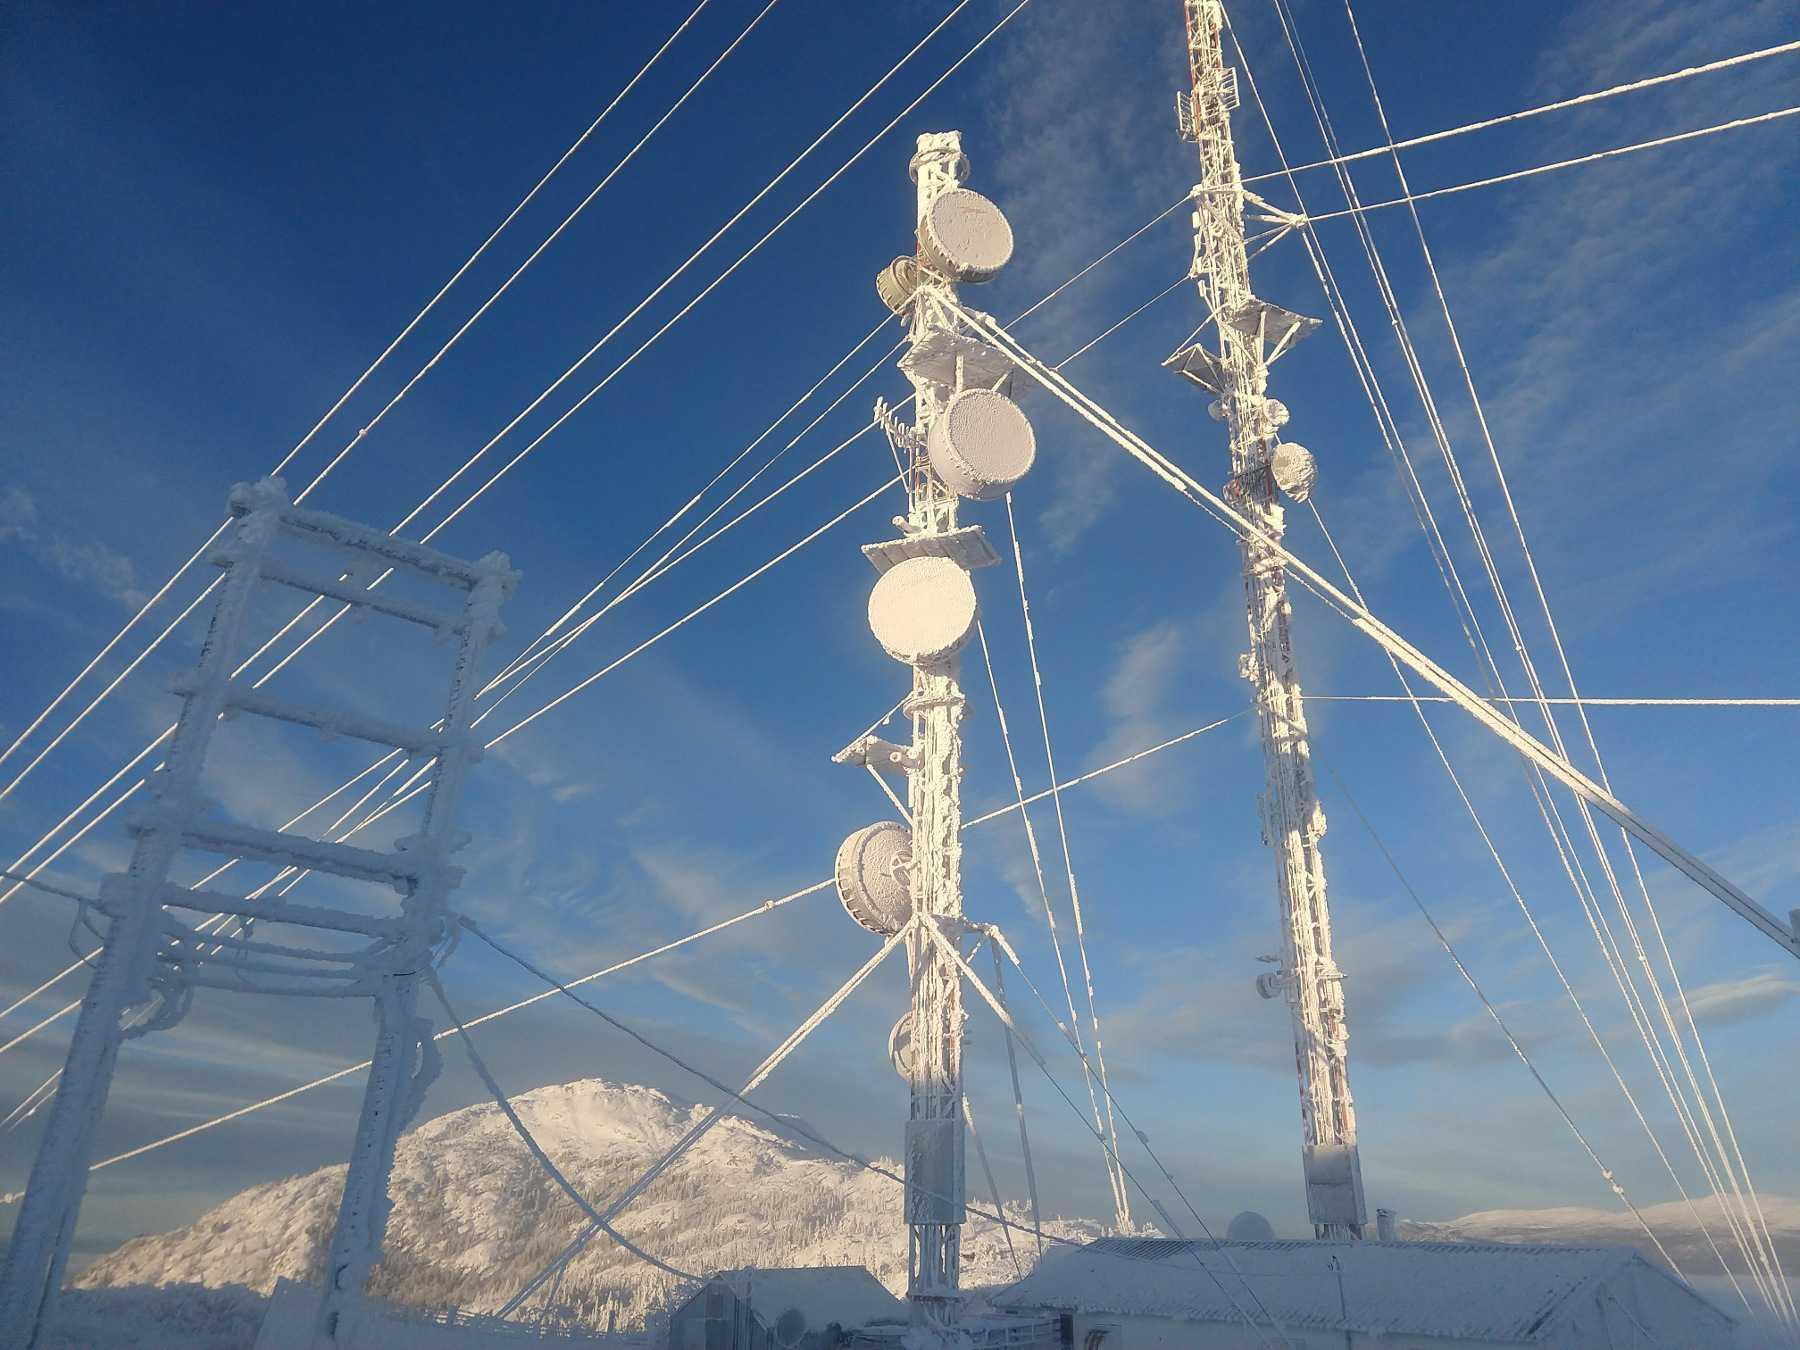 Mit Eis überzogene Antennenmasten